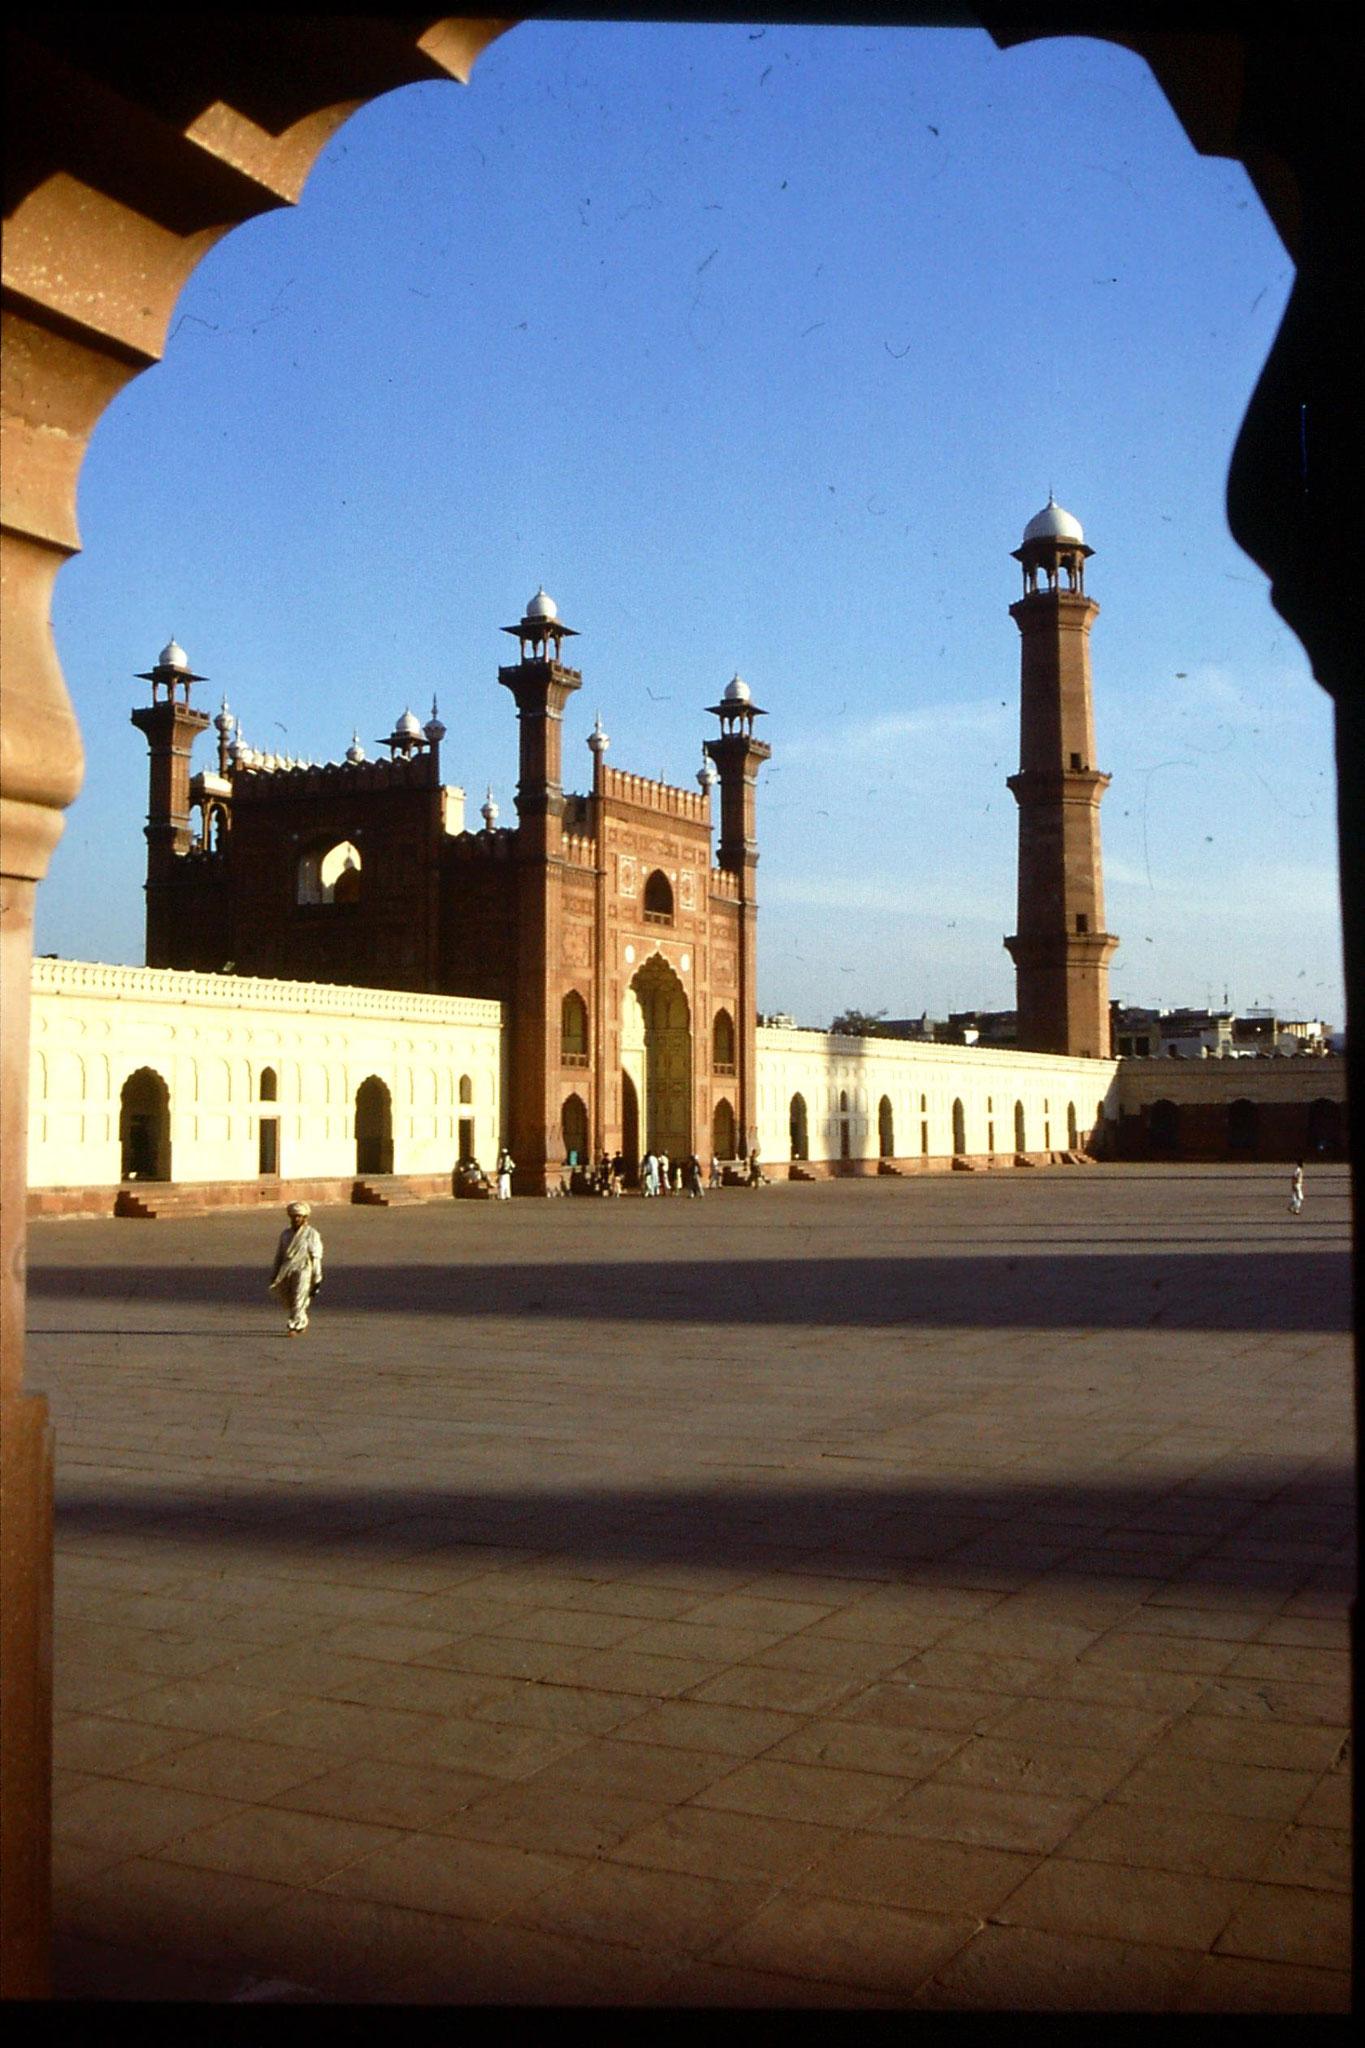 15/11/1989: 8: Lahore, Badsahi Mosque